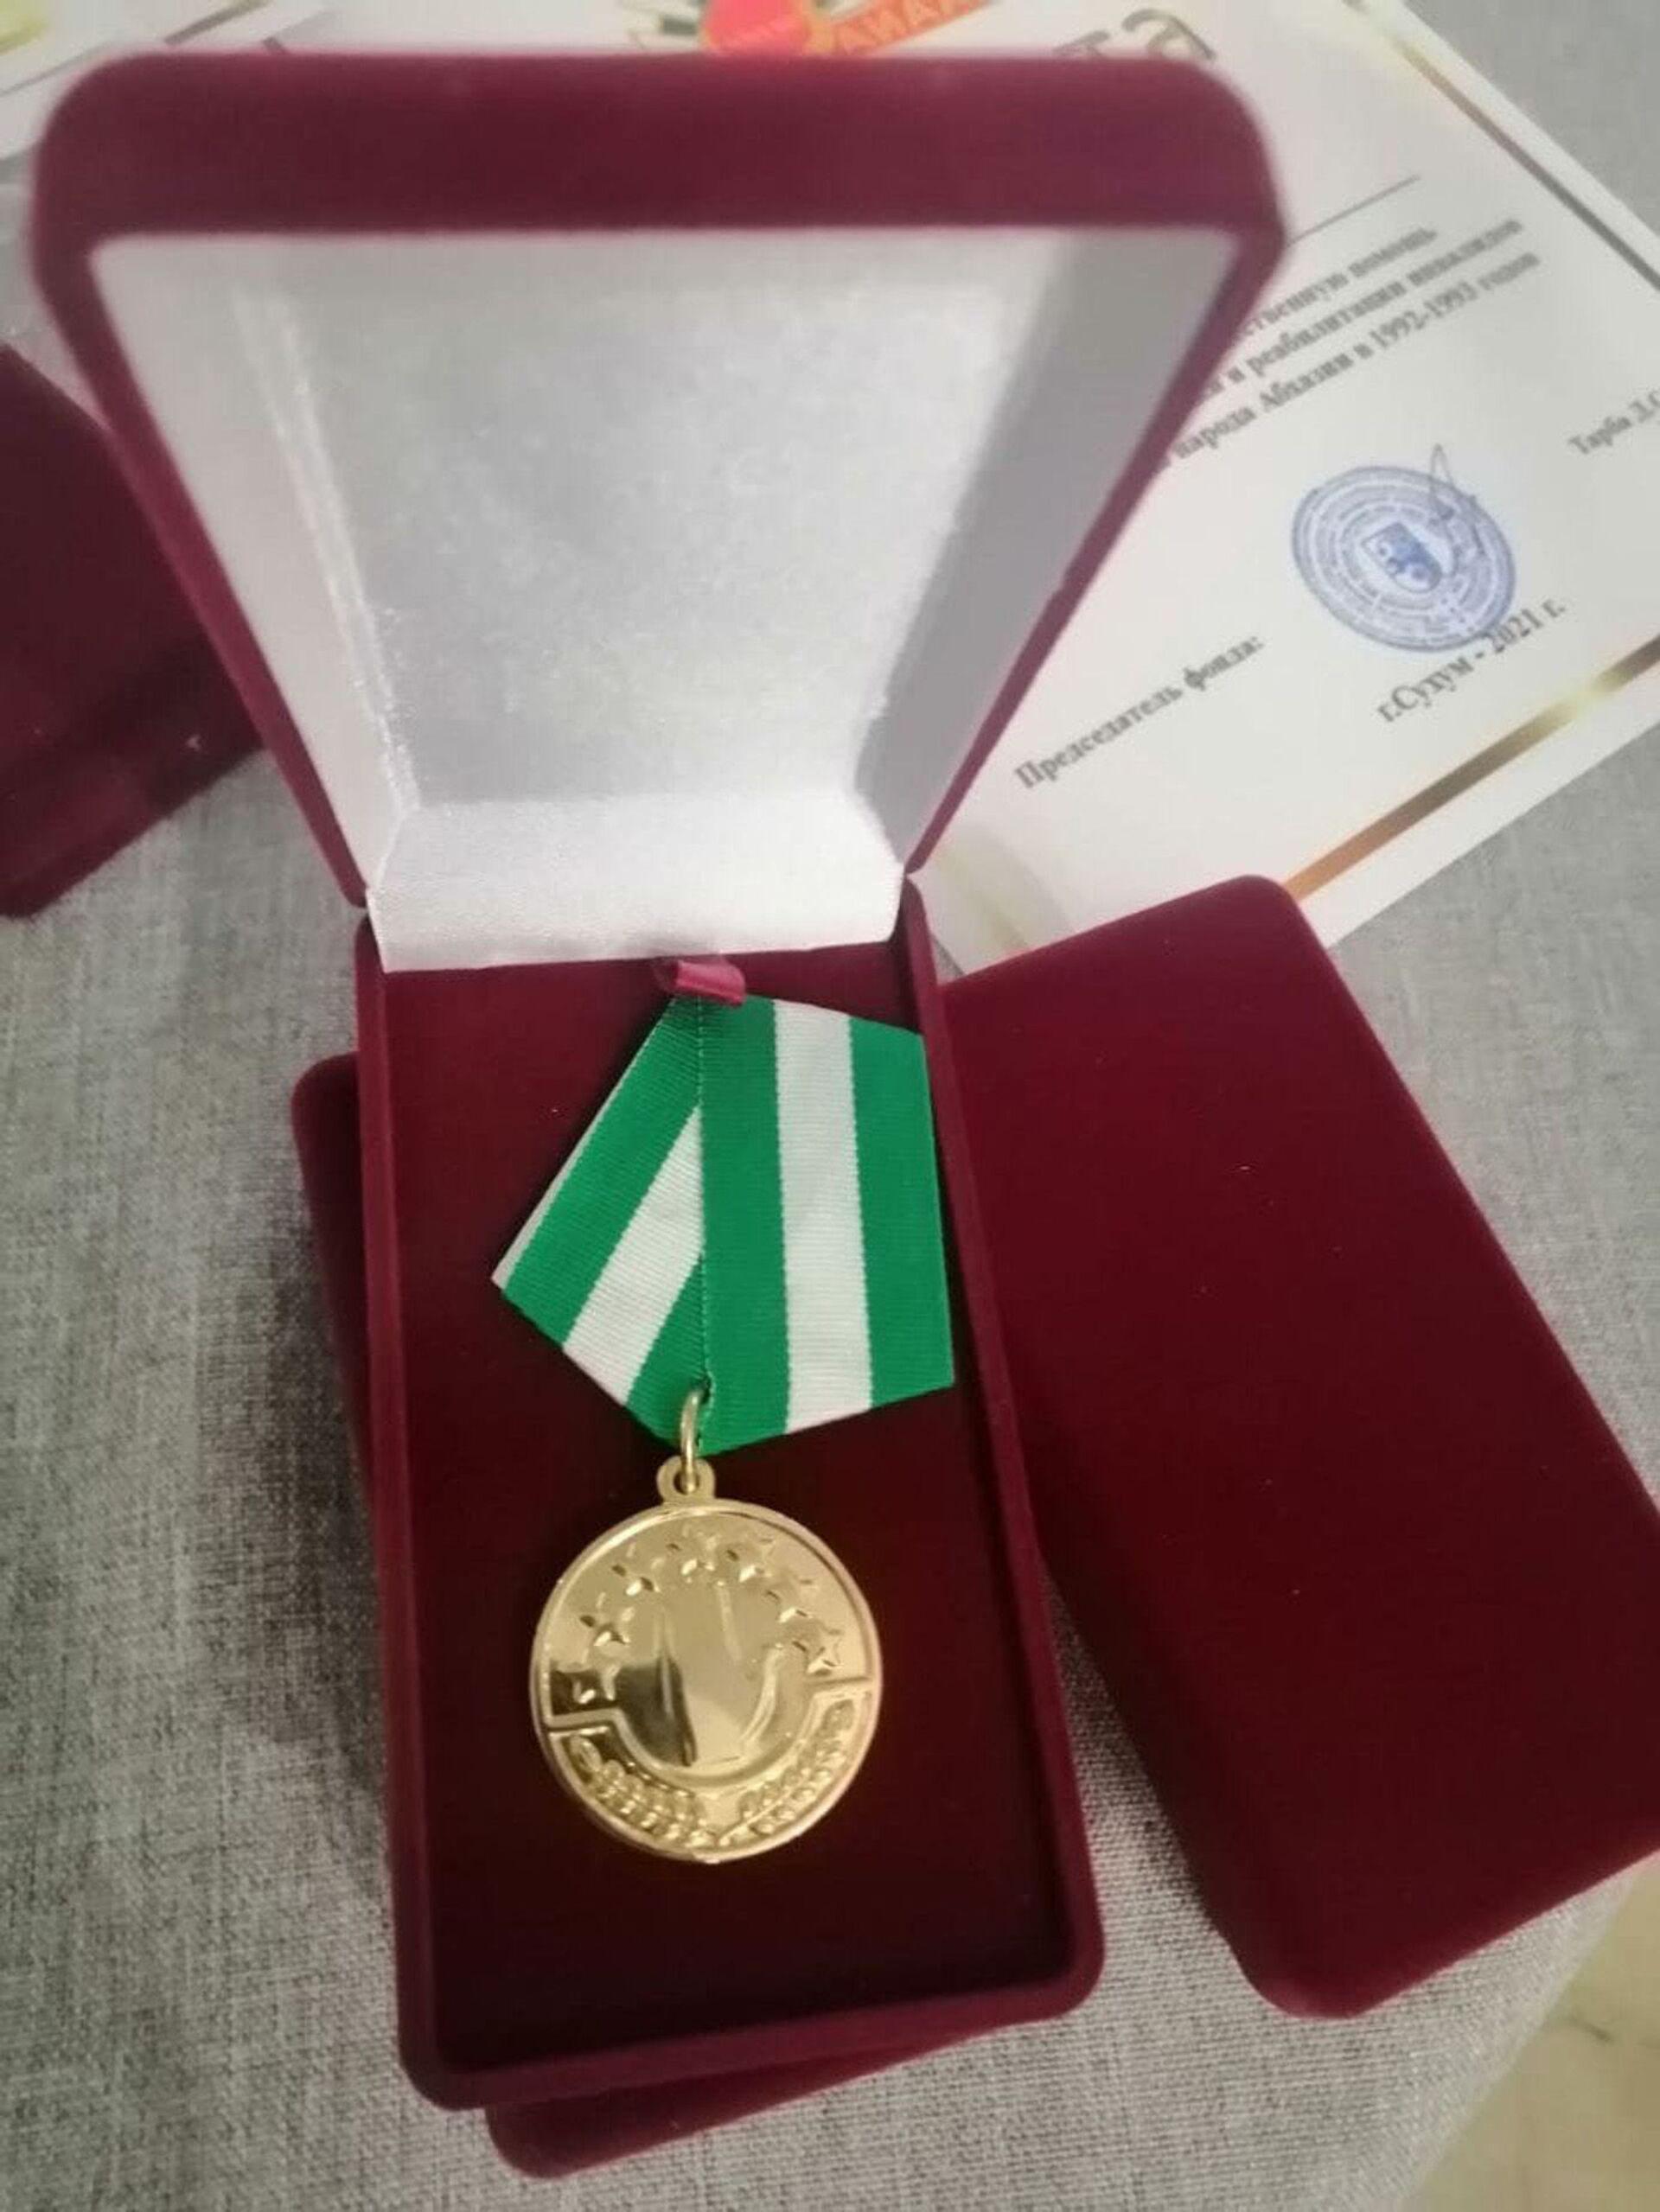 Награждение медалью ЗА ПОБЕДУ  - Sputnik Абхазия, 1920, 12.10.2021